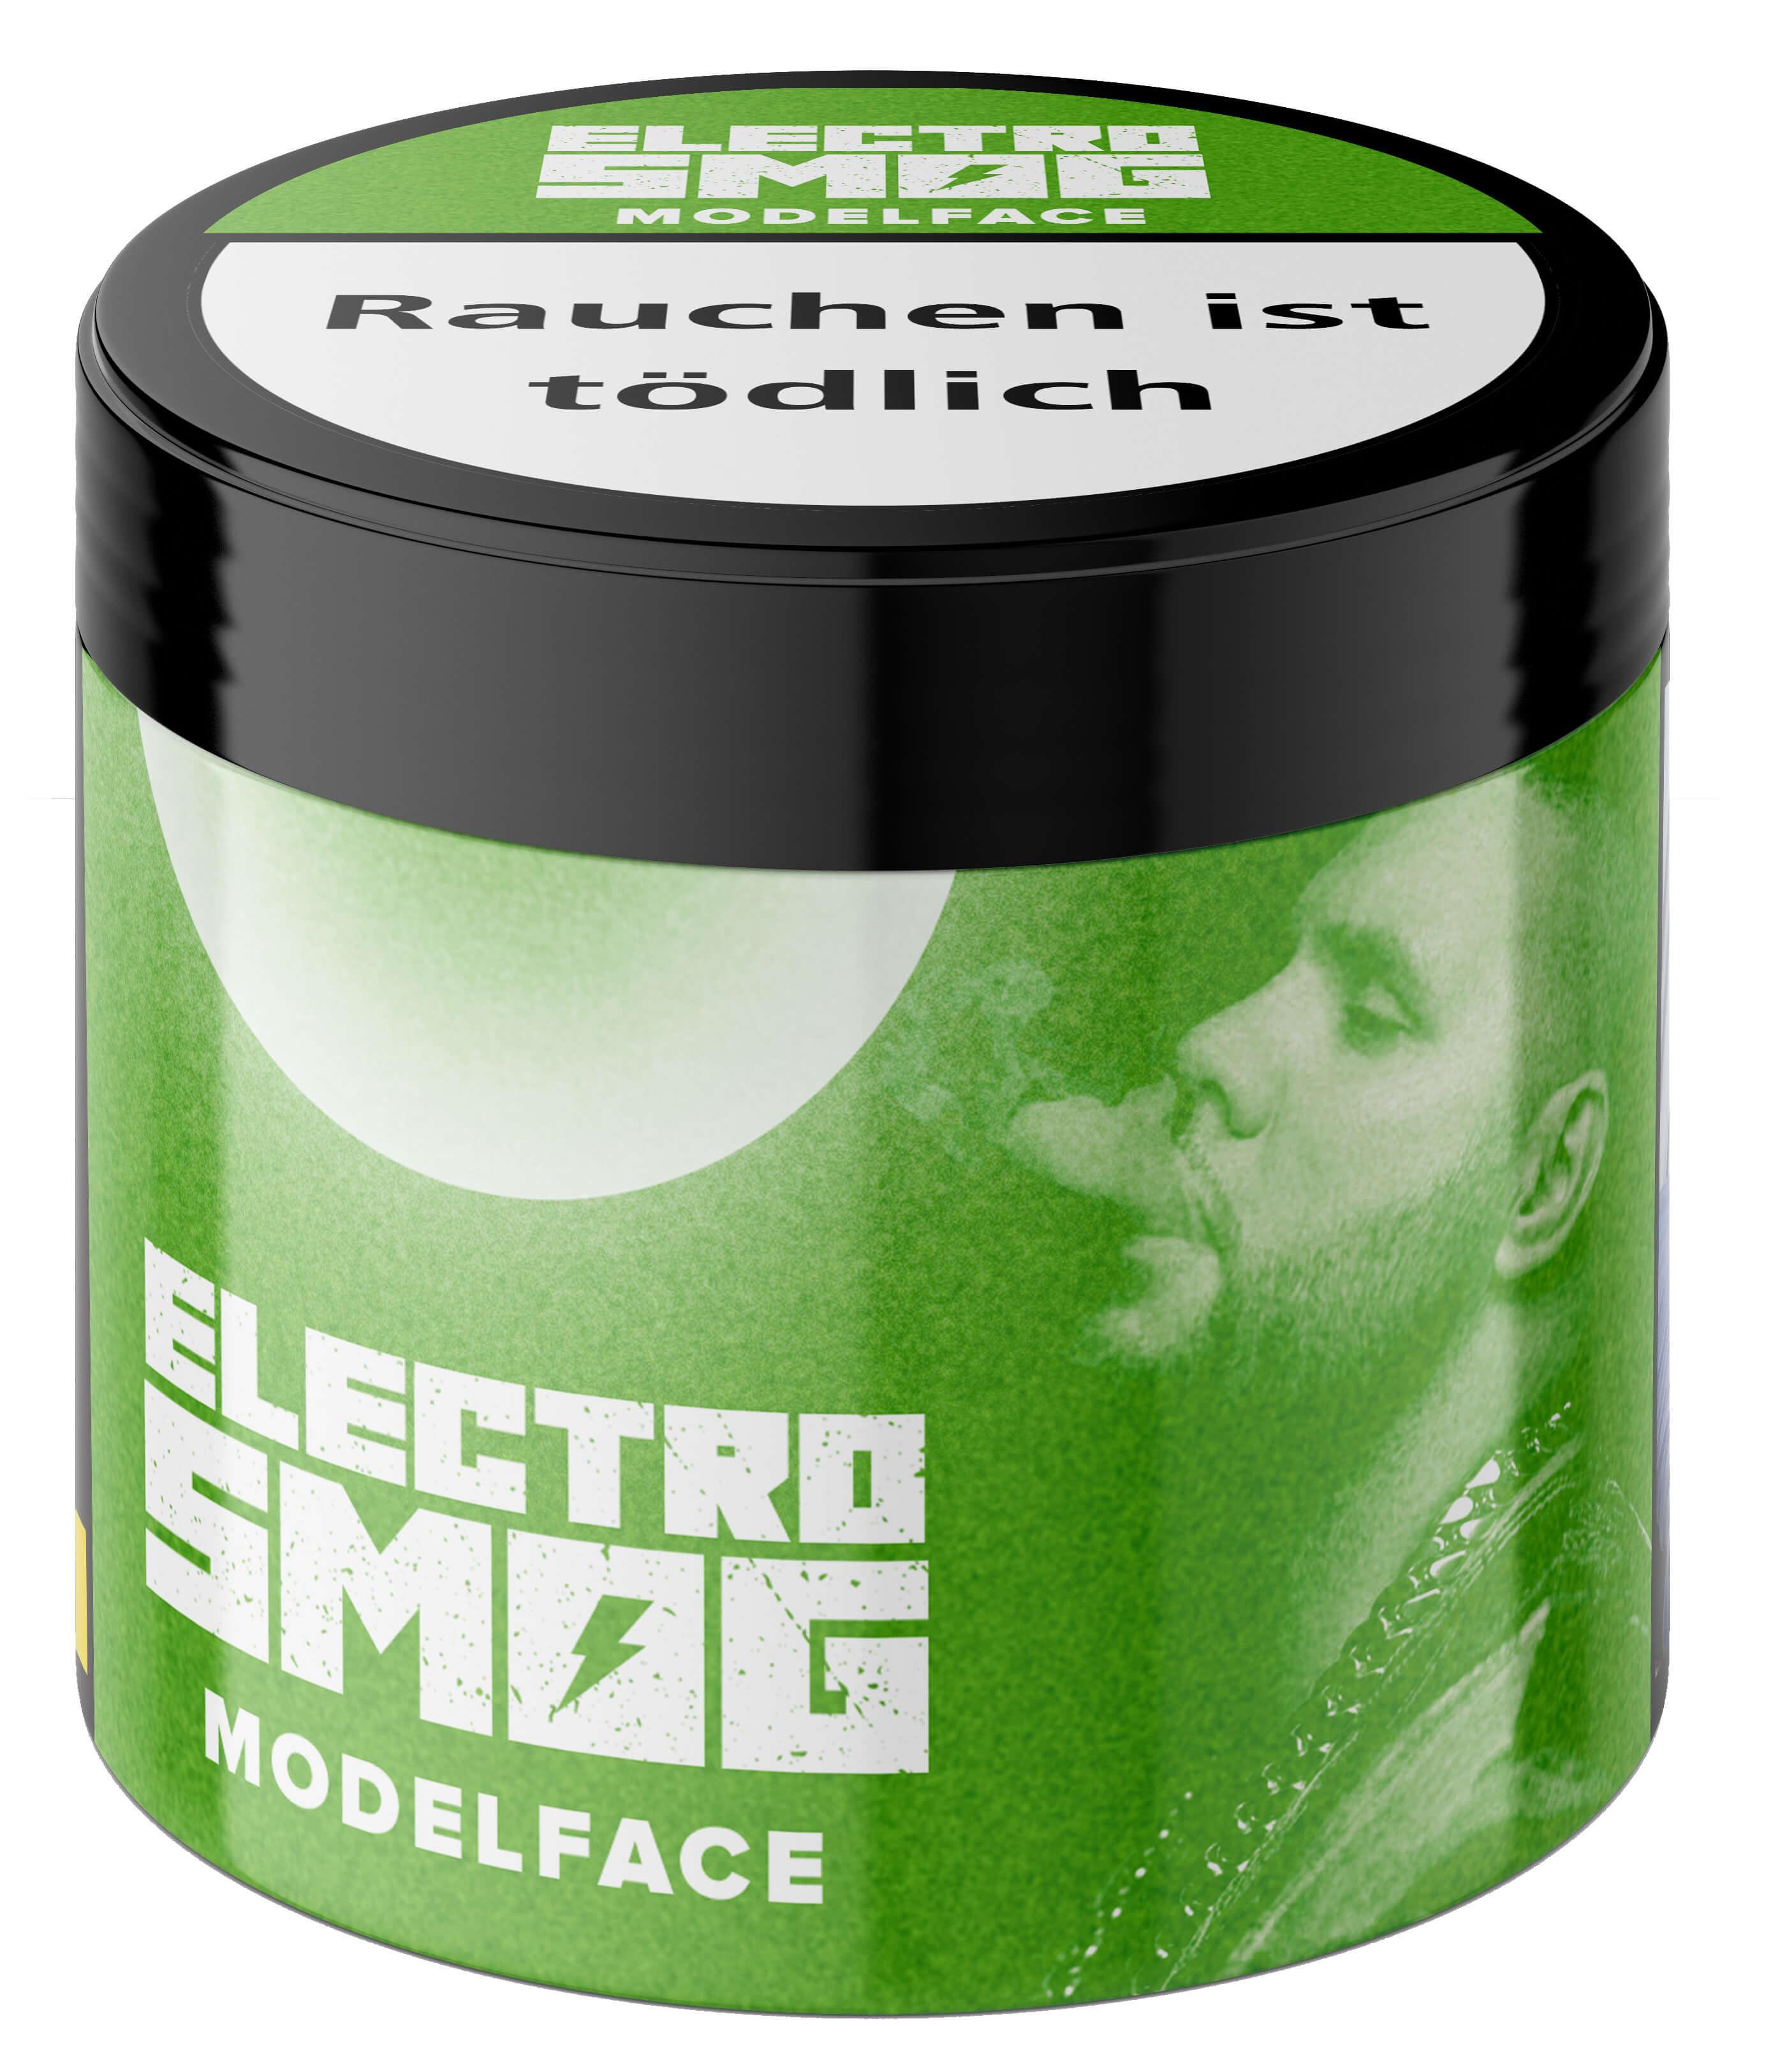 Electro Smog Tabak Model Face 200g